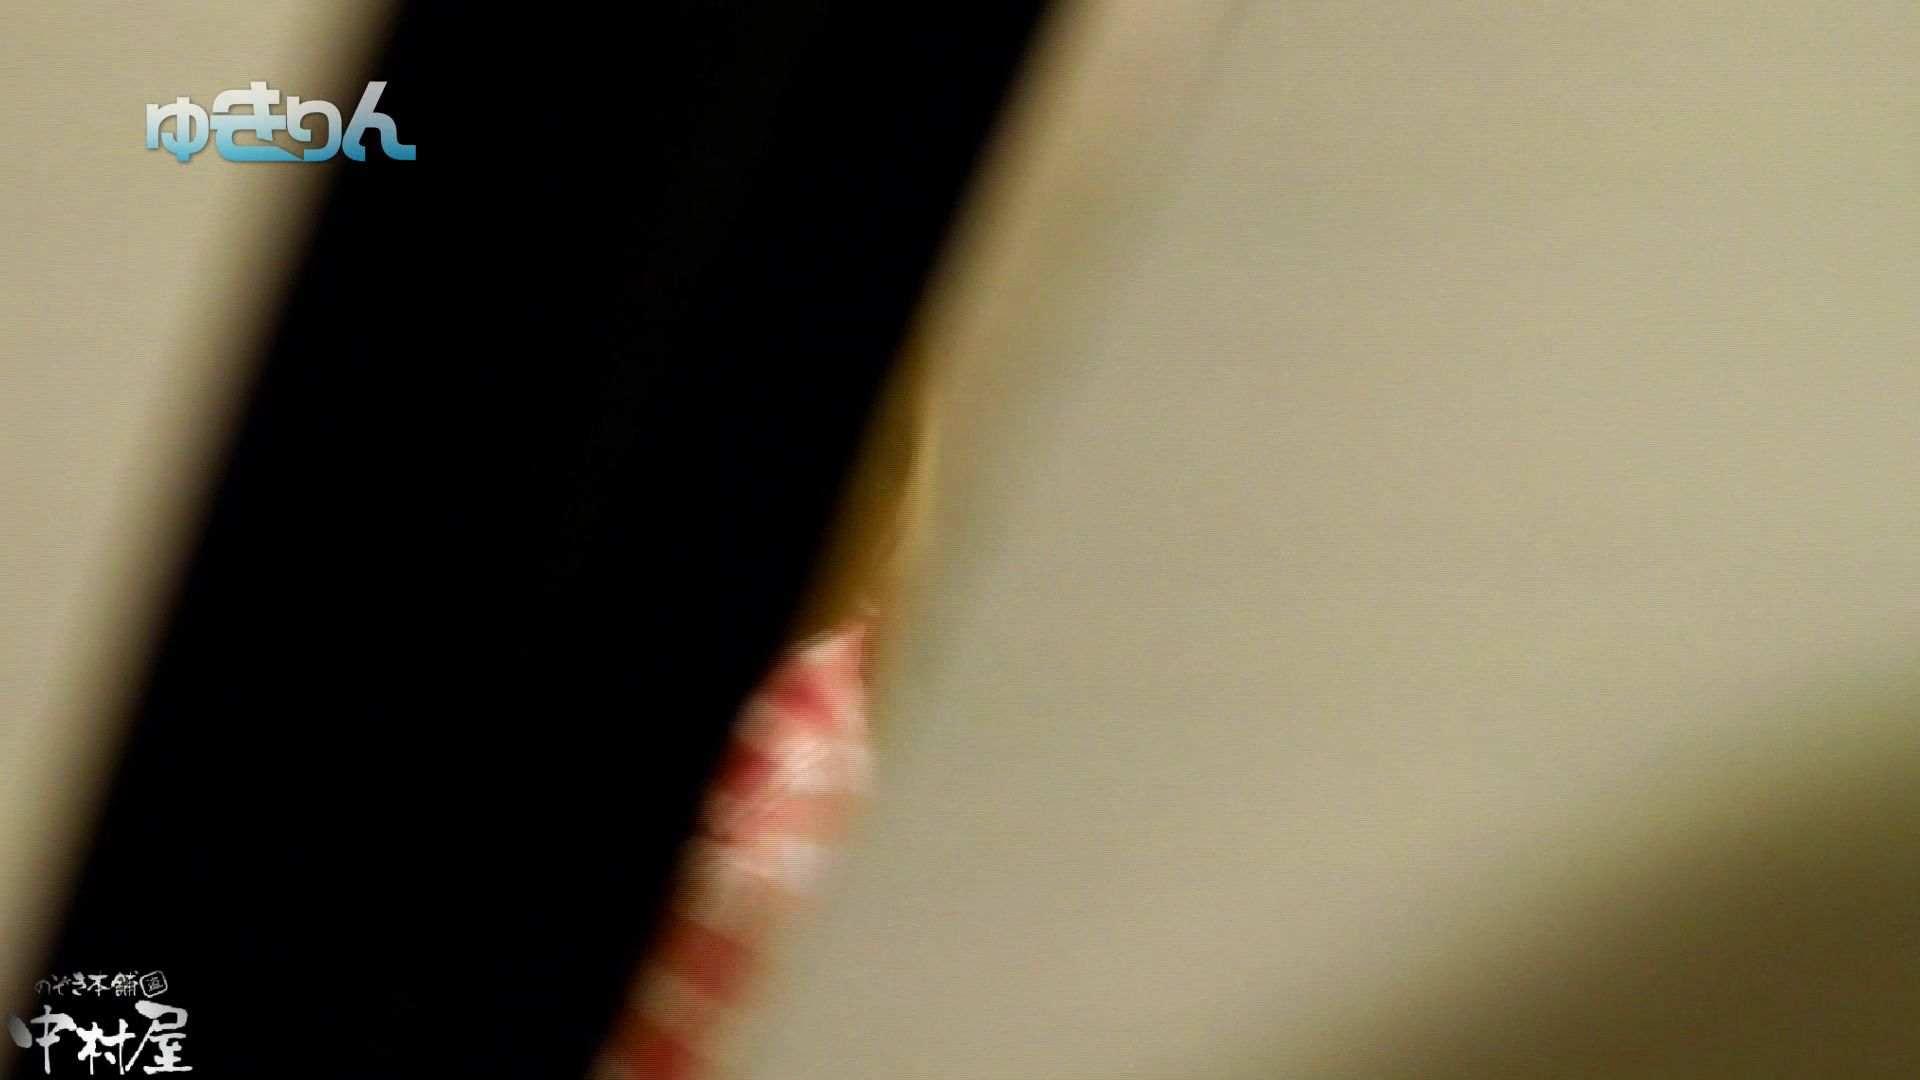 【世界の射窓から~ステーション編~】ステーション編 vol54 便秘のせいで長蛇の列、じっくり撮らせて頂きました後編 HなOL | 0  59pic 40